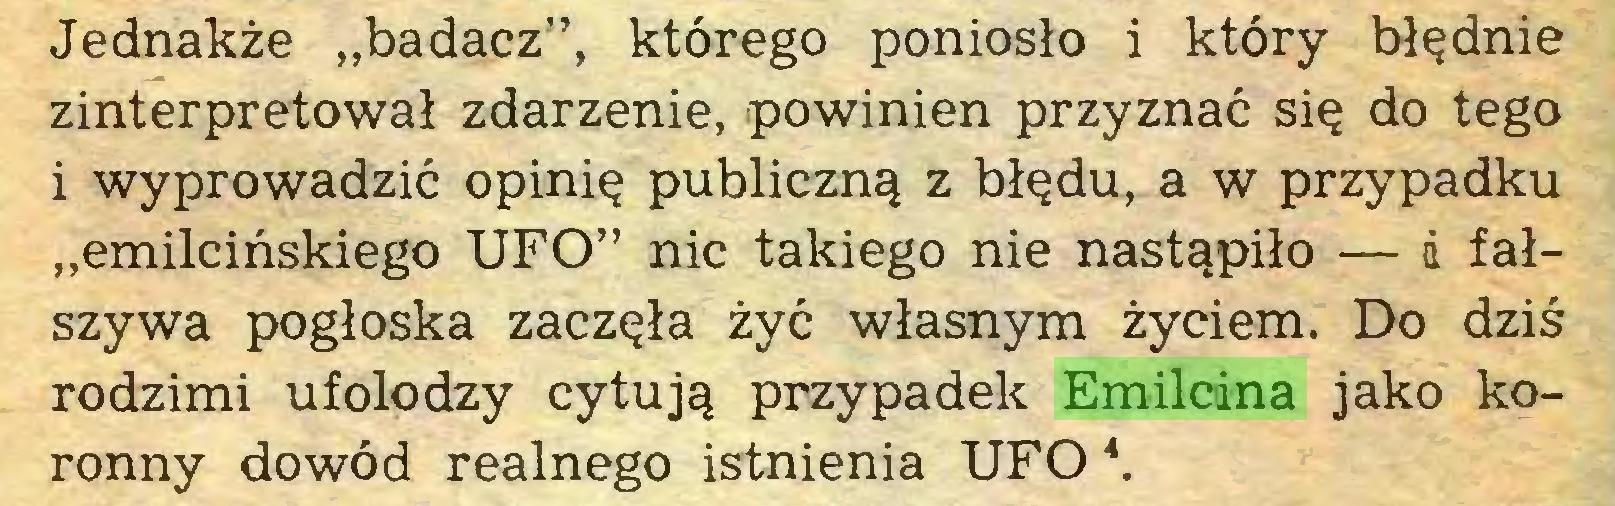 """(...) Jednakże """"badacz"""", którego poniosło i który błędnie zinterpretował zdarzenie, powinien przyznać się do tego i wyprowadzić opinię publiczną z błędu, a w przypadku """"emilcińskiego UFO"""" nic takiego nie nastąpiło — d fałszywa pogłoska zaczęła żyć własnym życiem. Do dziś rodzimi ufolodzy cytują przypadek Emilcina jako koronny dowód realnego istnienia UFO *..."""